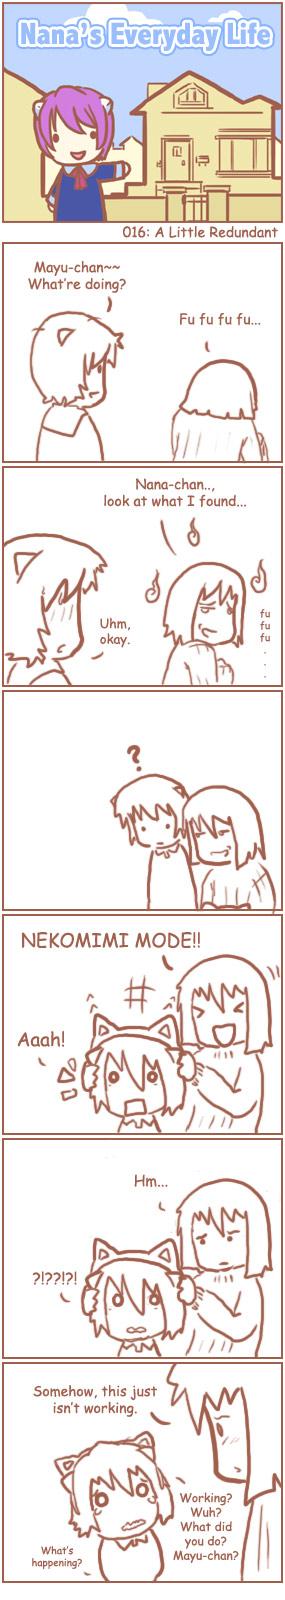 [Nana's Everyday Life - strip 16]